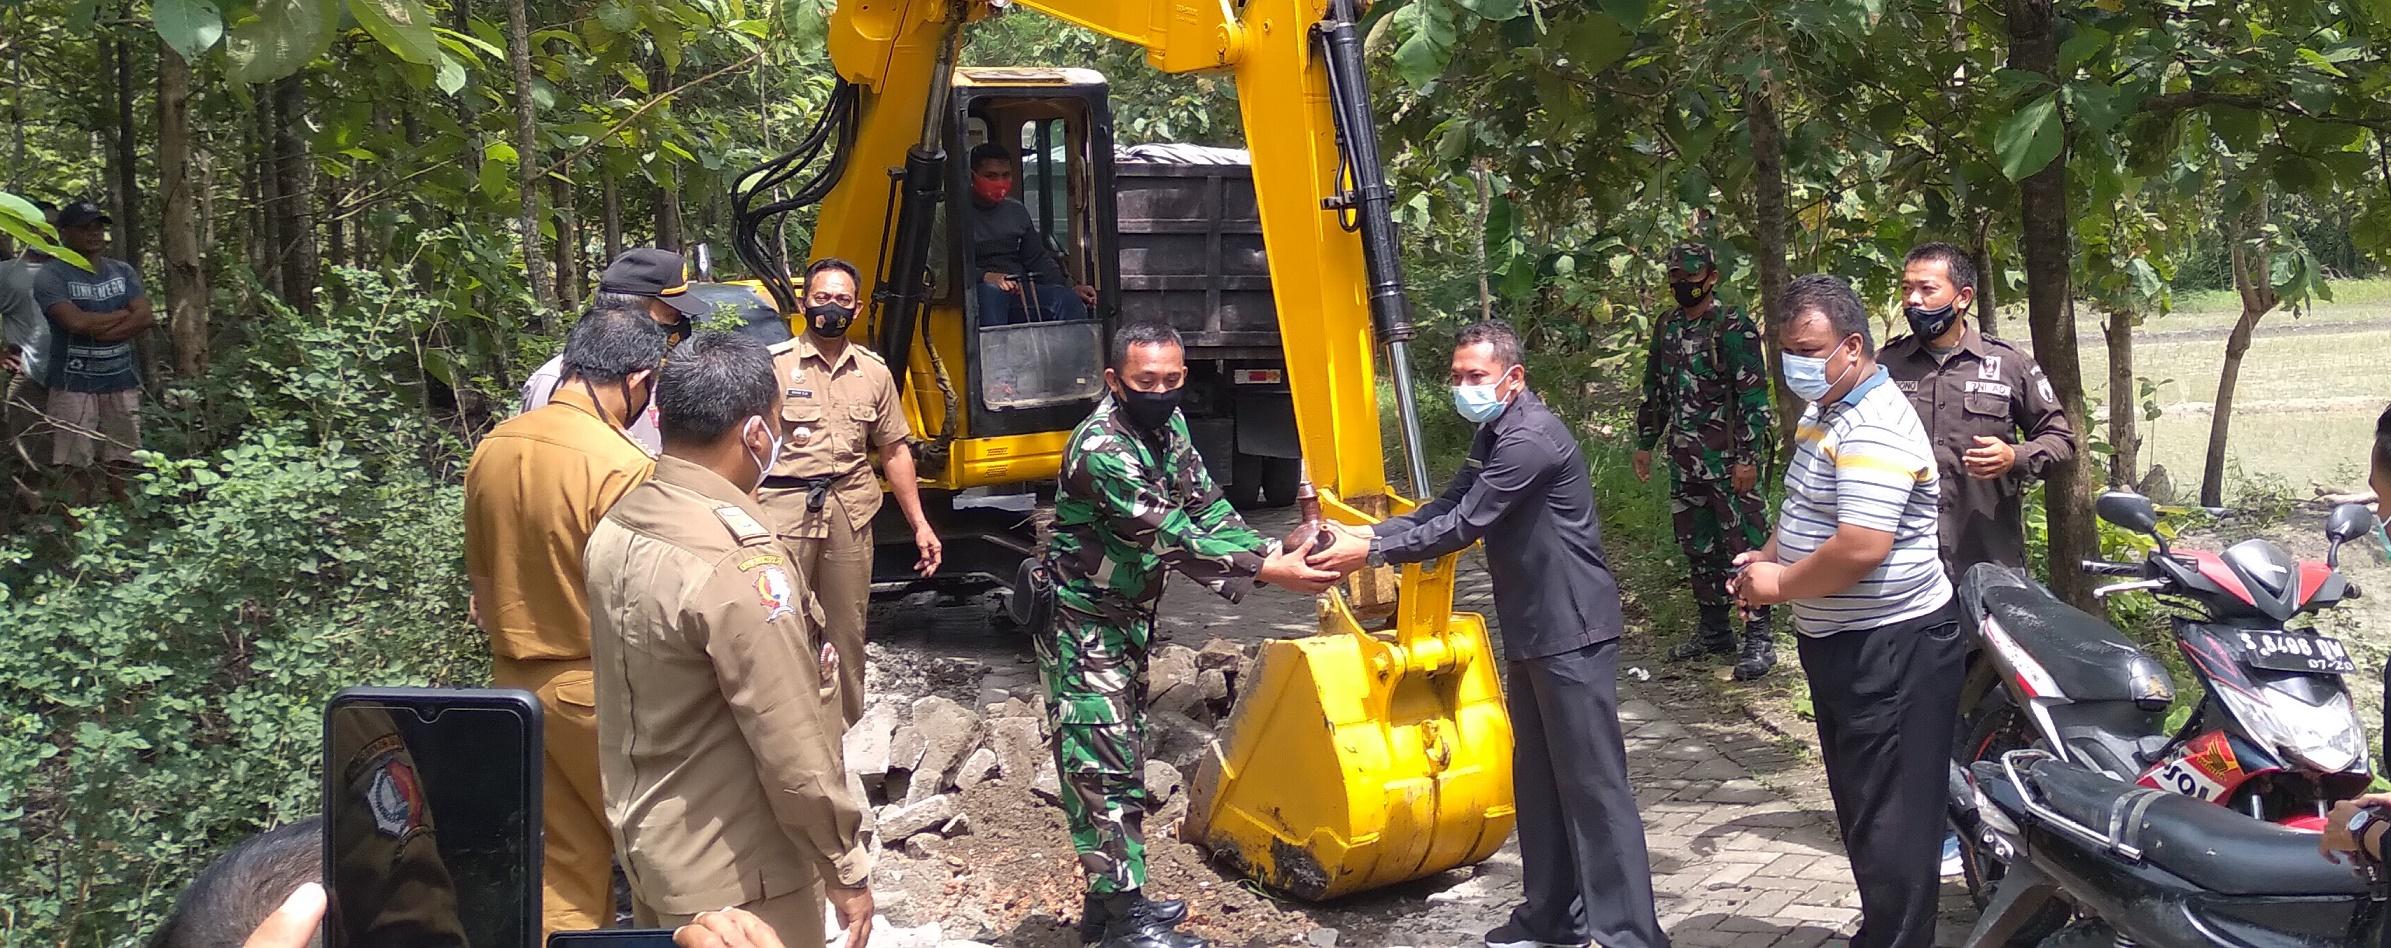 Pembukaan Pra TNI Manunggal Membangun Desa (TMMD) Ke-110 Kodim 0813 Bojonegoro <BR>di Desa Ngrancang dan Jatimulyo Kecamatan Tambakrejo Tahun 2021